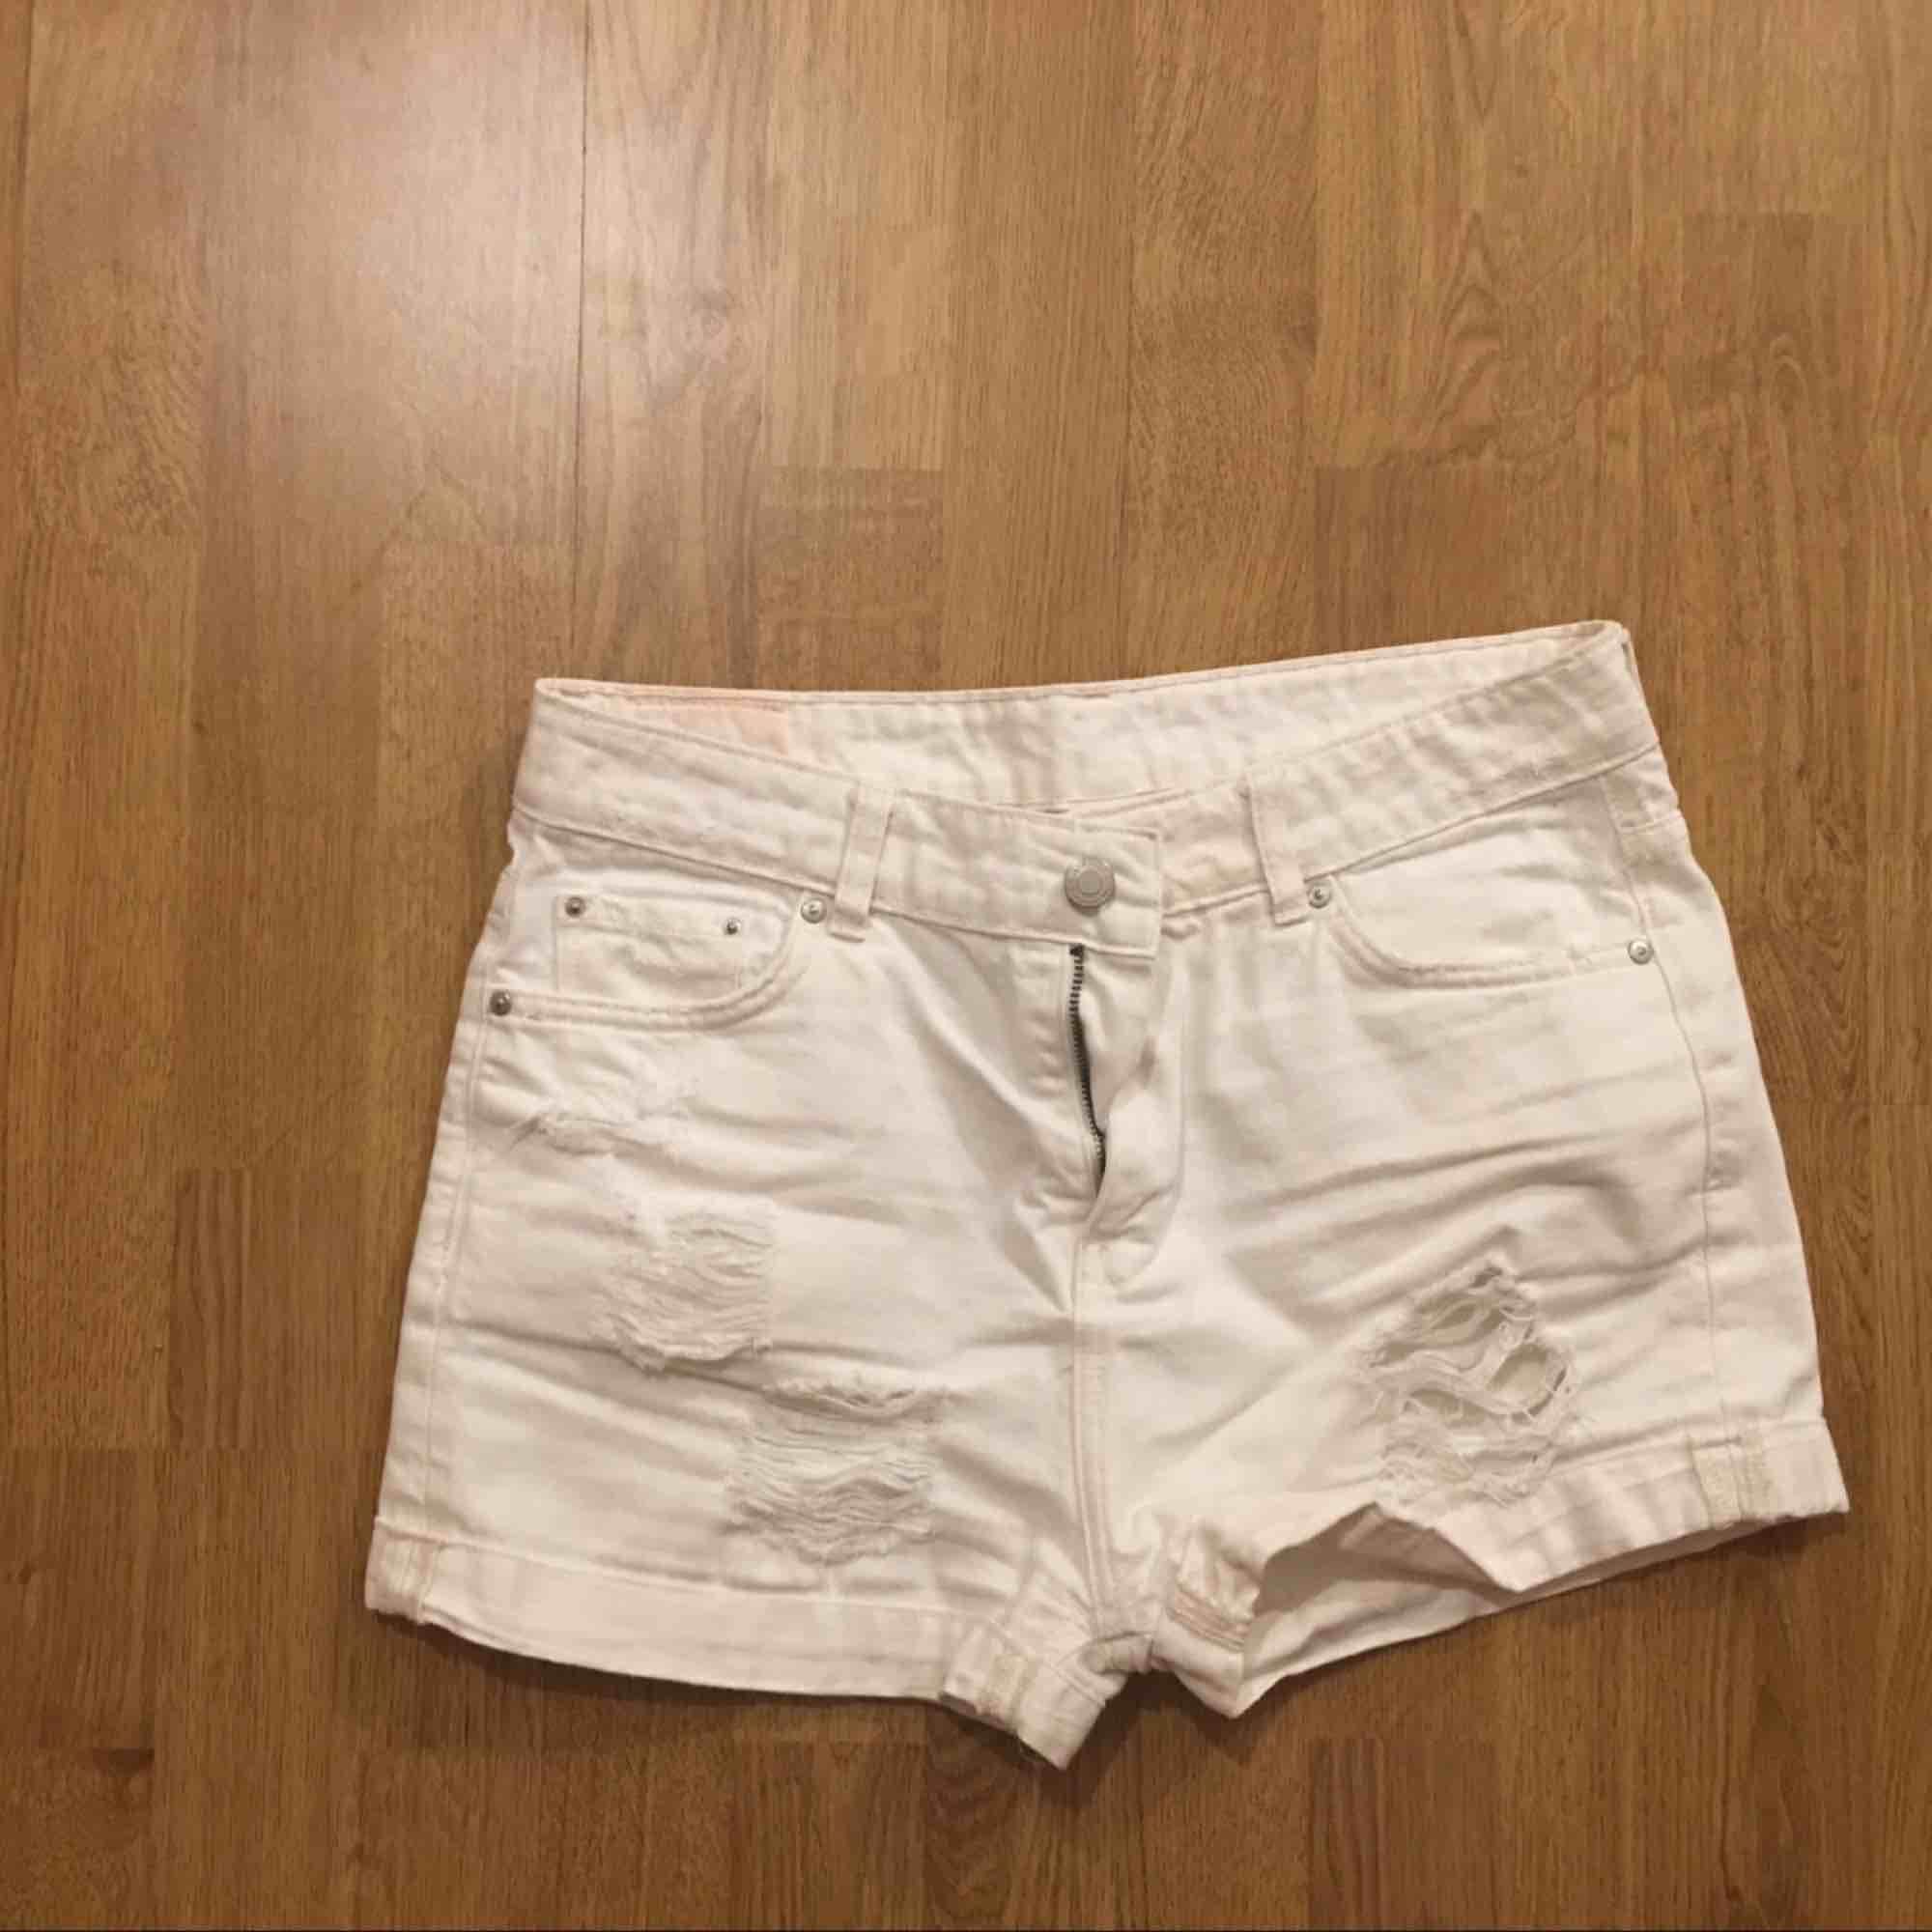 En vit shorts. Shorts.